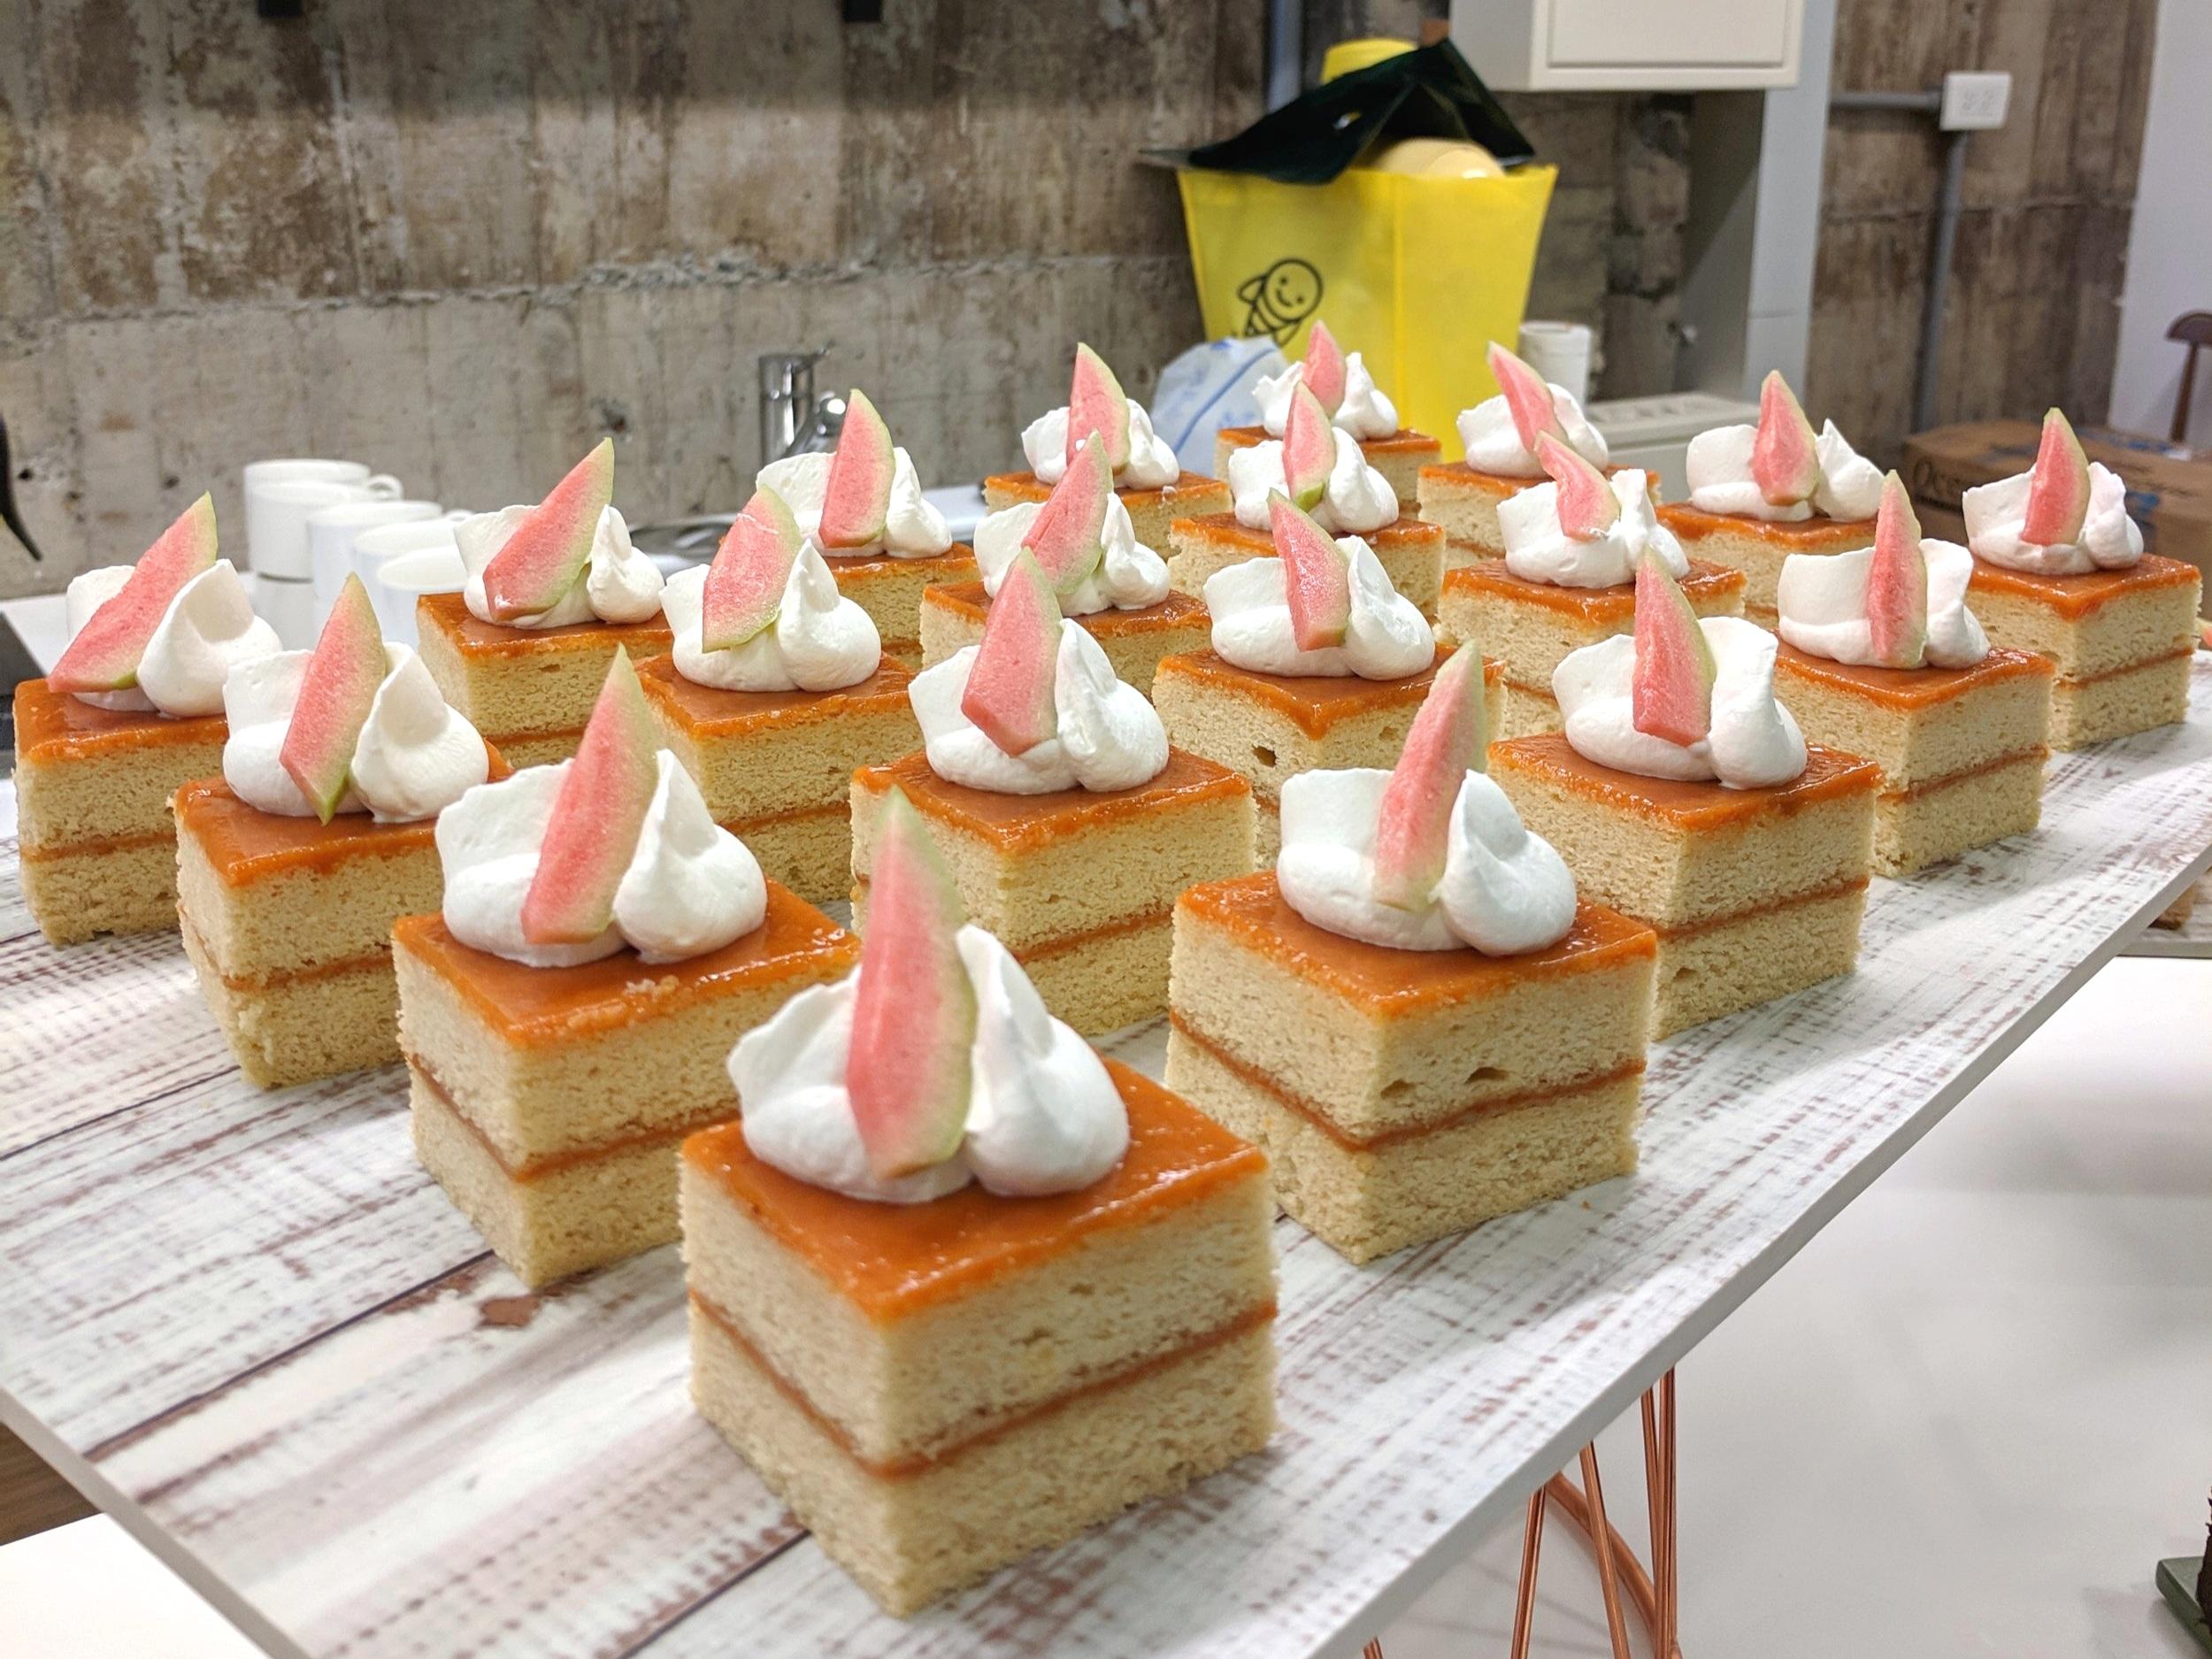 PINK GUAVA CHIFFON CAKES